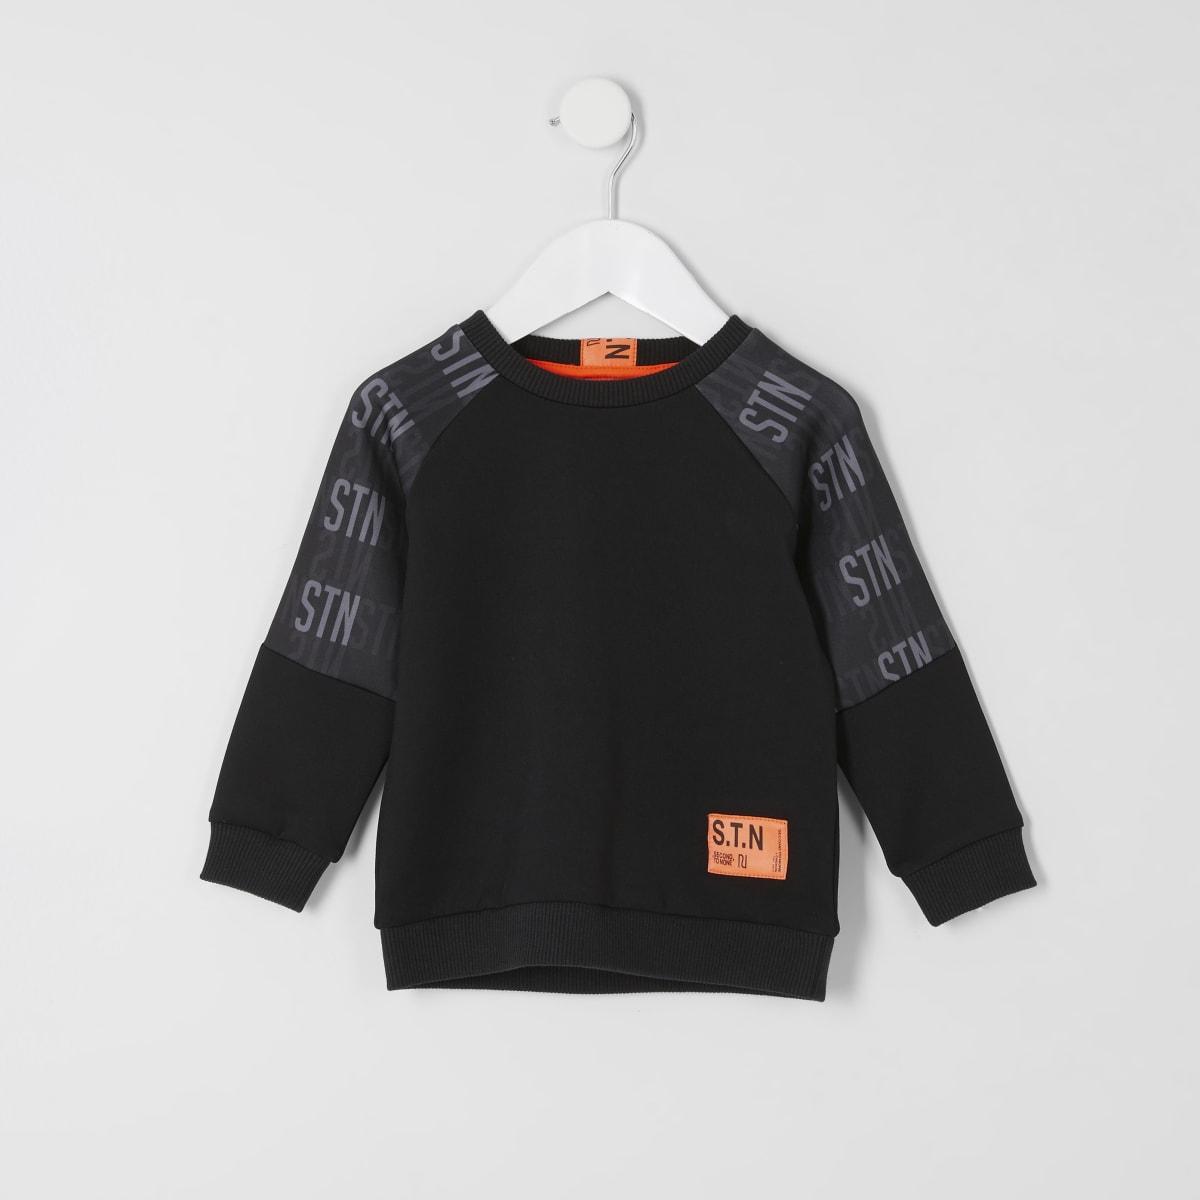 Mini - RI Active - Zwart sweatshirt met STN-tekst voor jongens